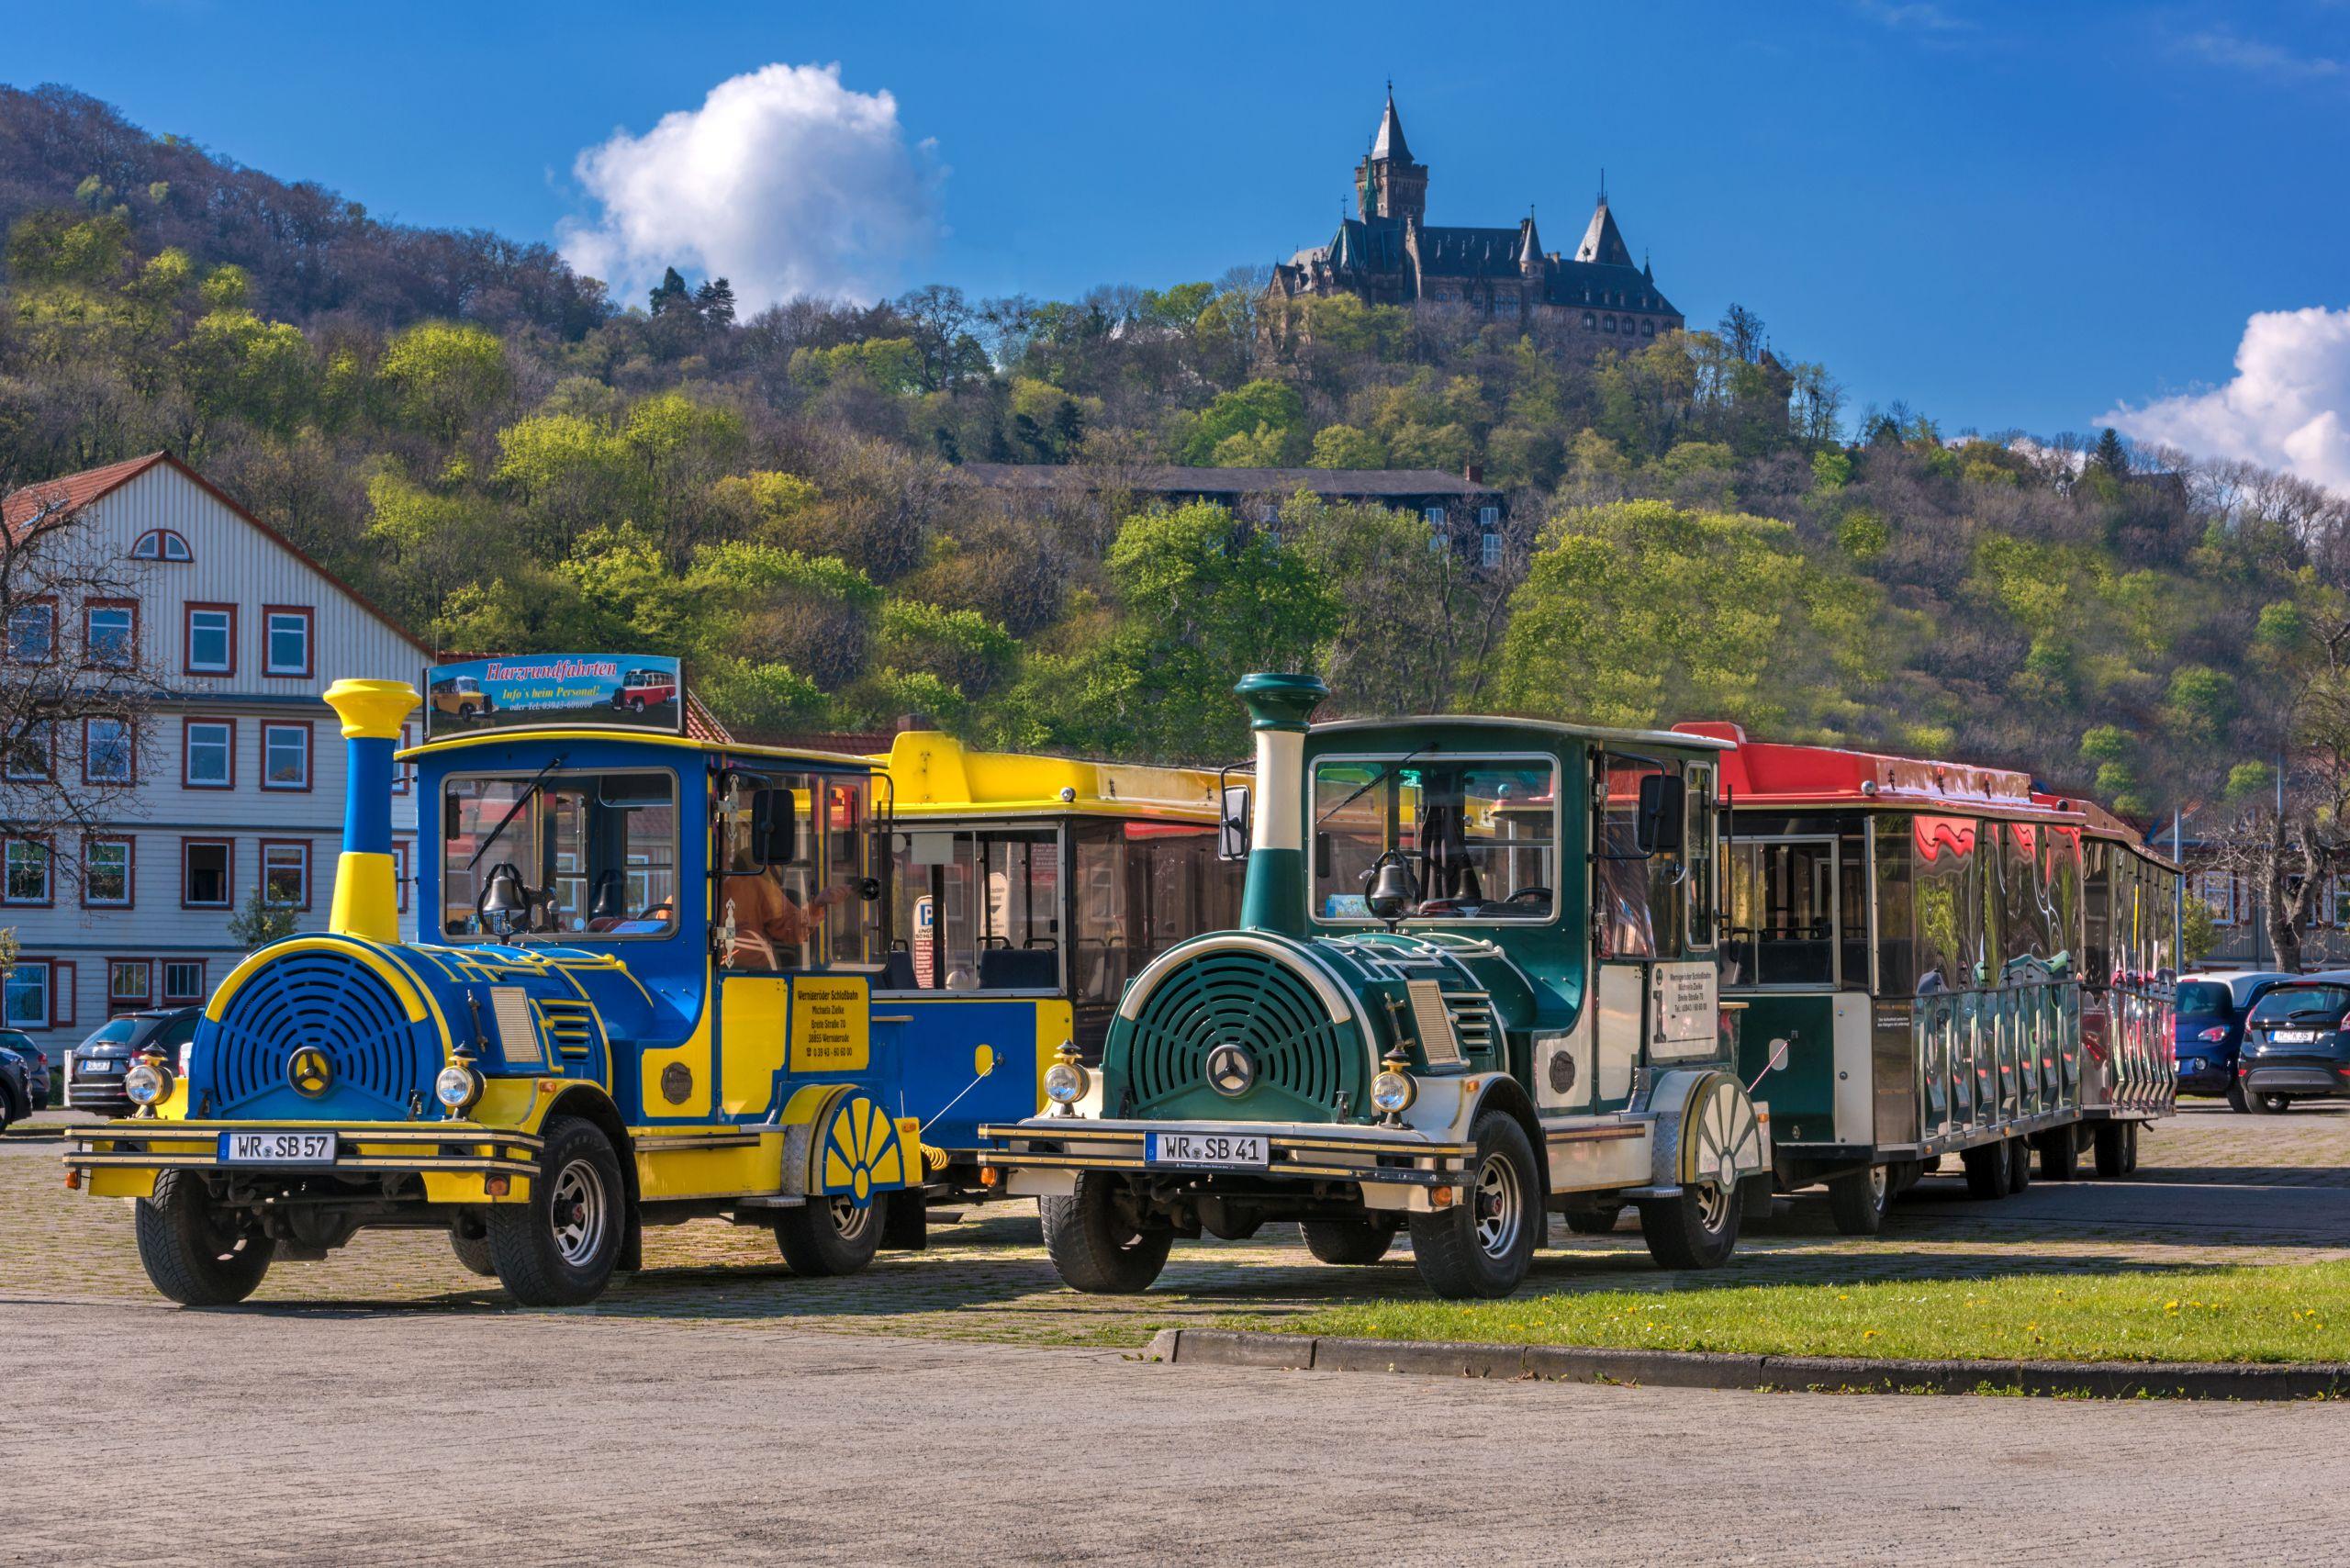 Wernigeröder Schlossbahnen - alte Bahnen